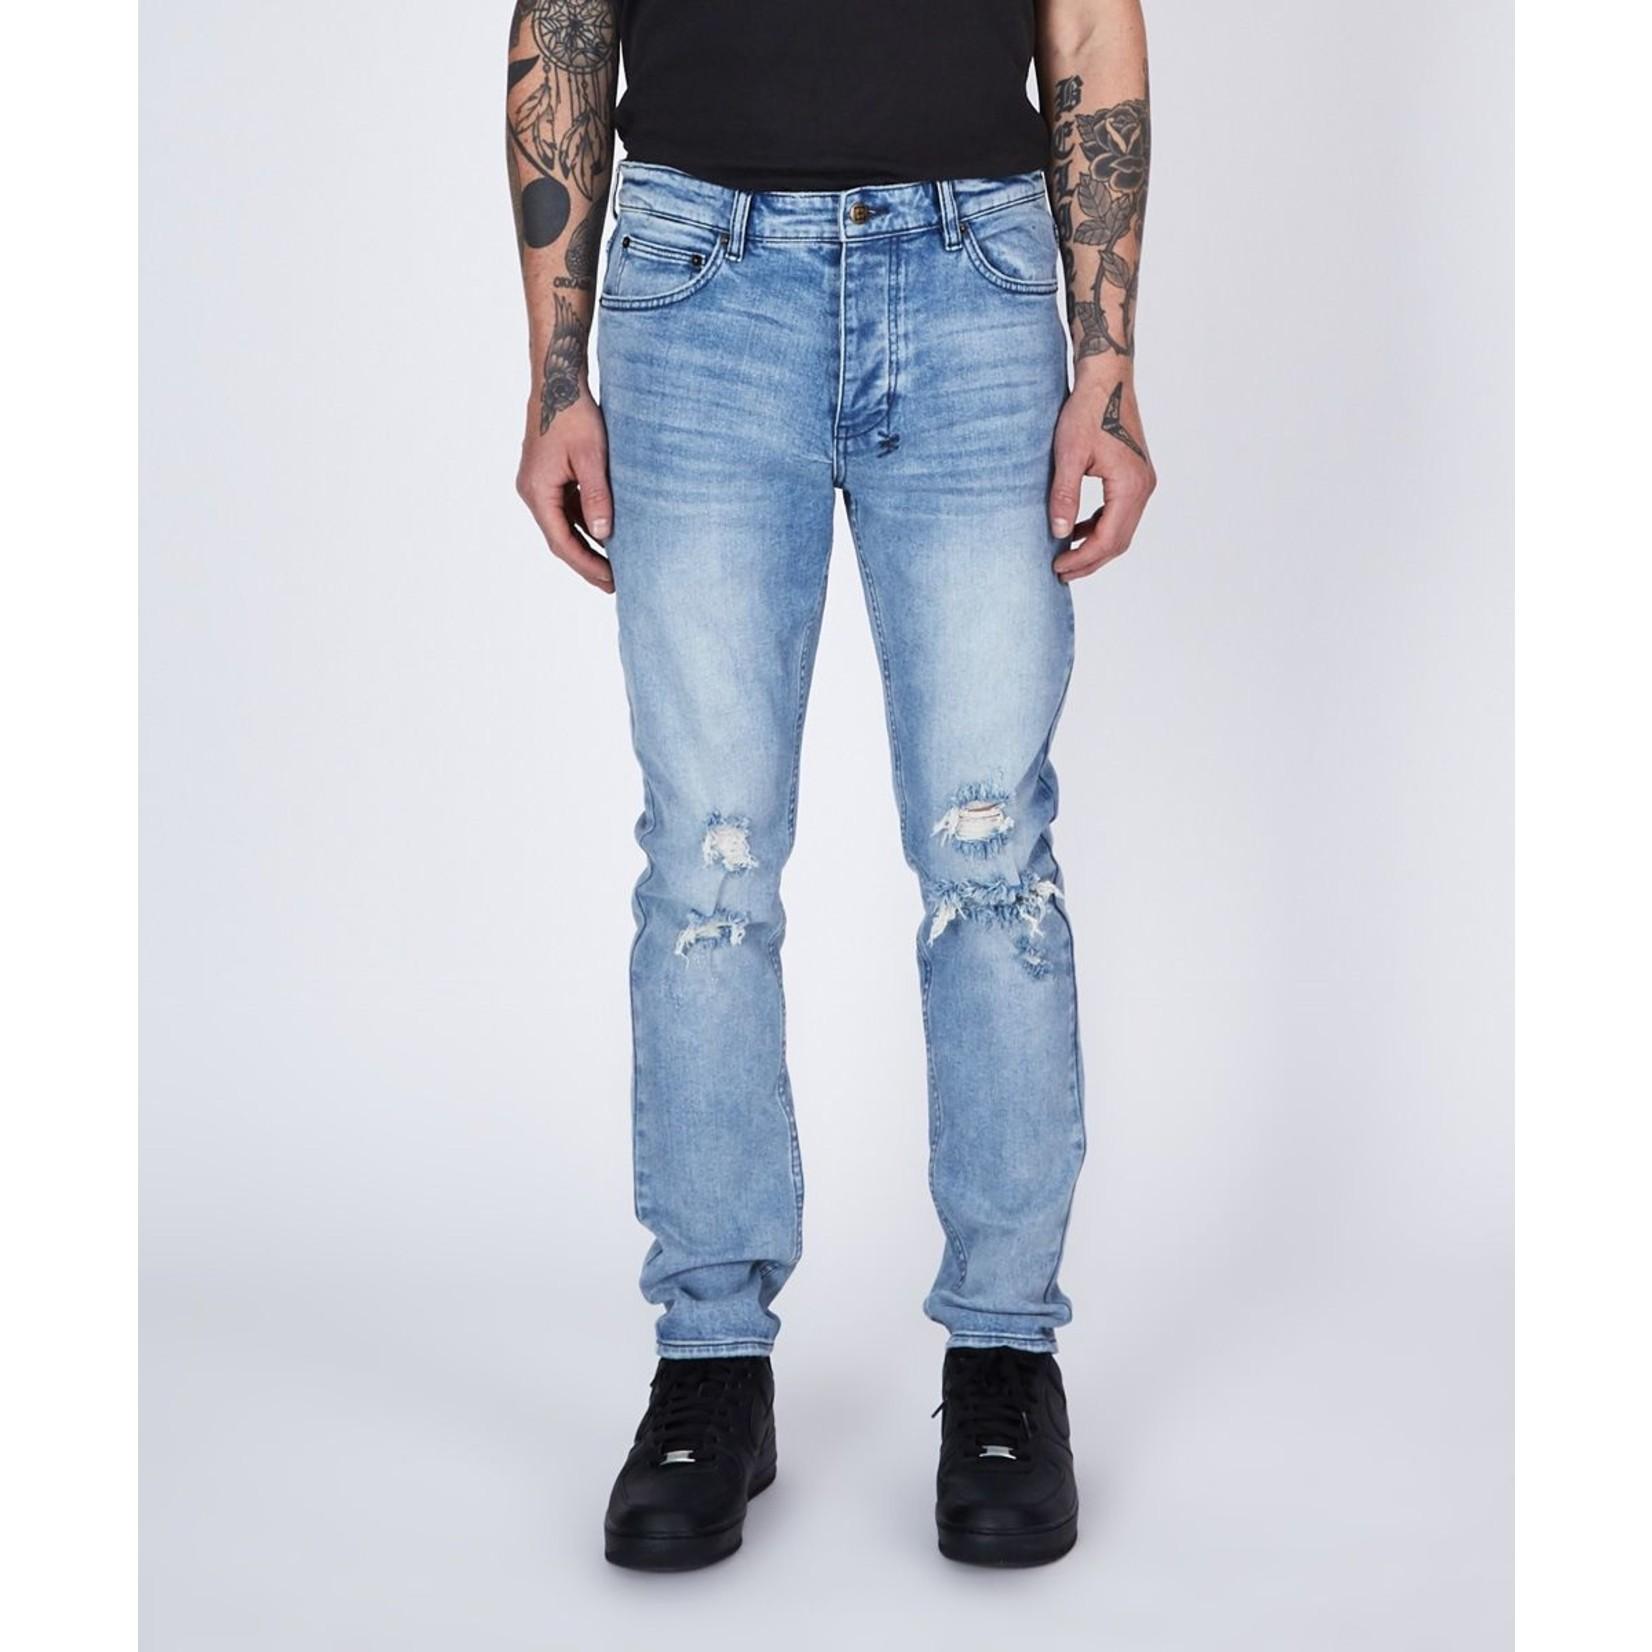 Ksubi Chitch Philly Blue Jean